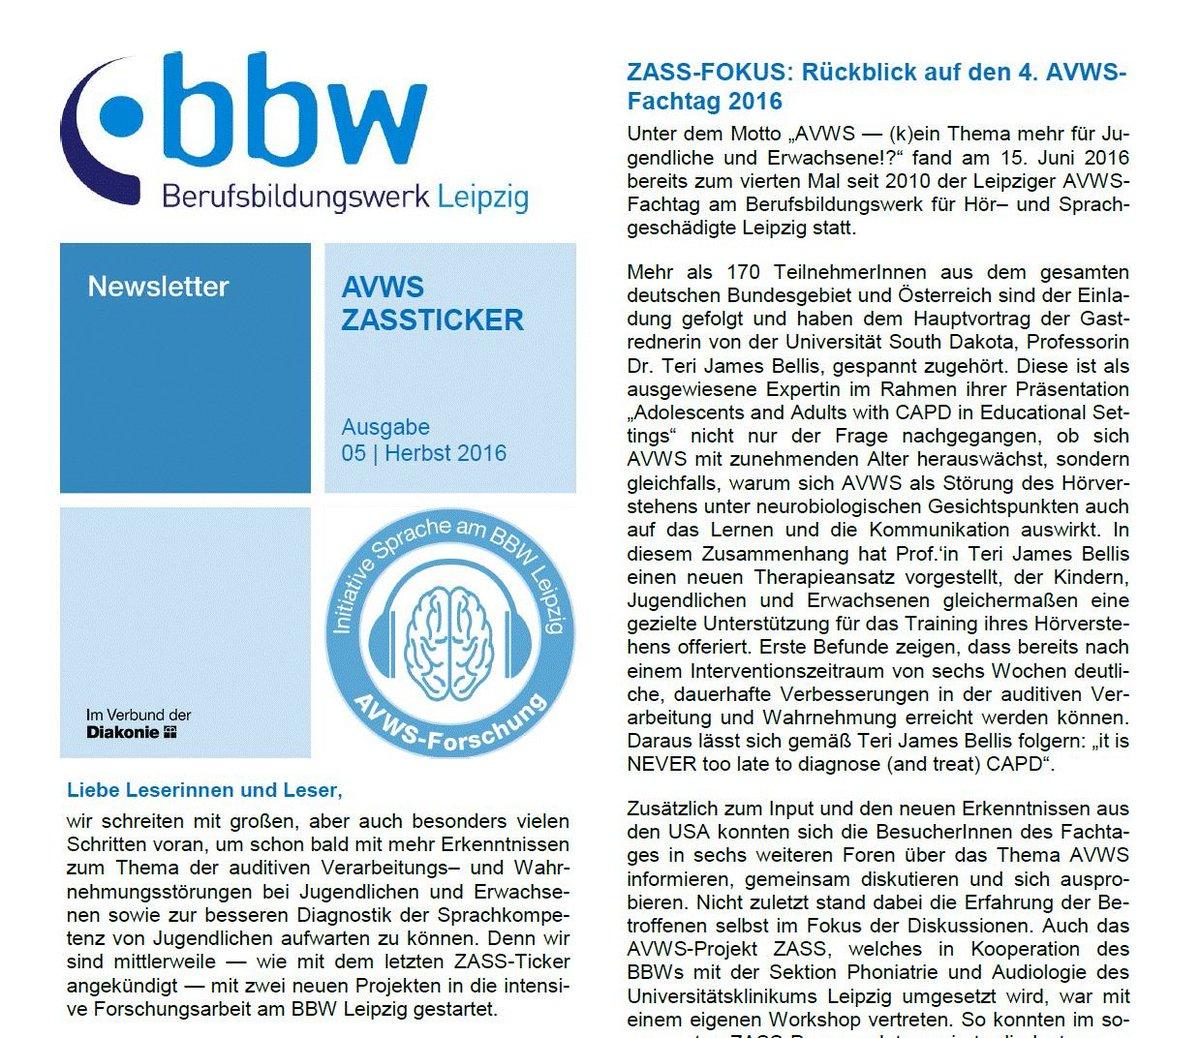 BBW Verbreitung